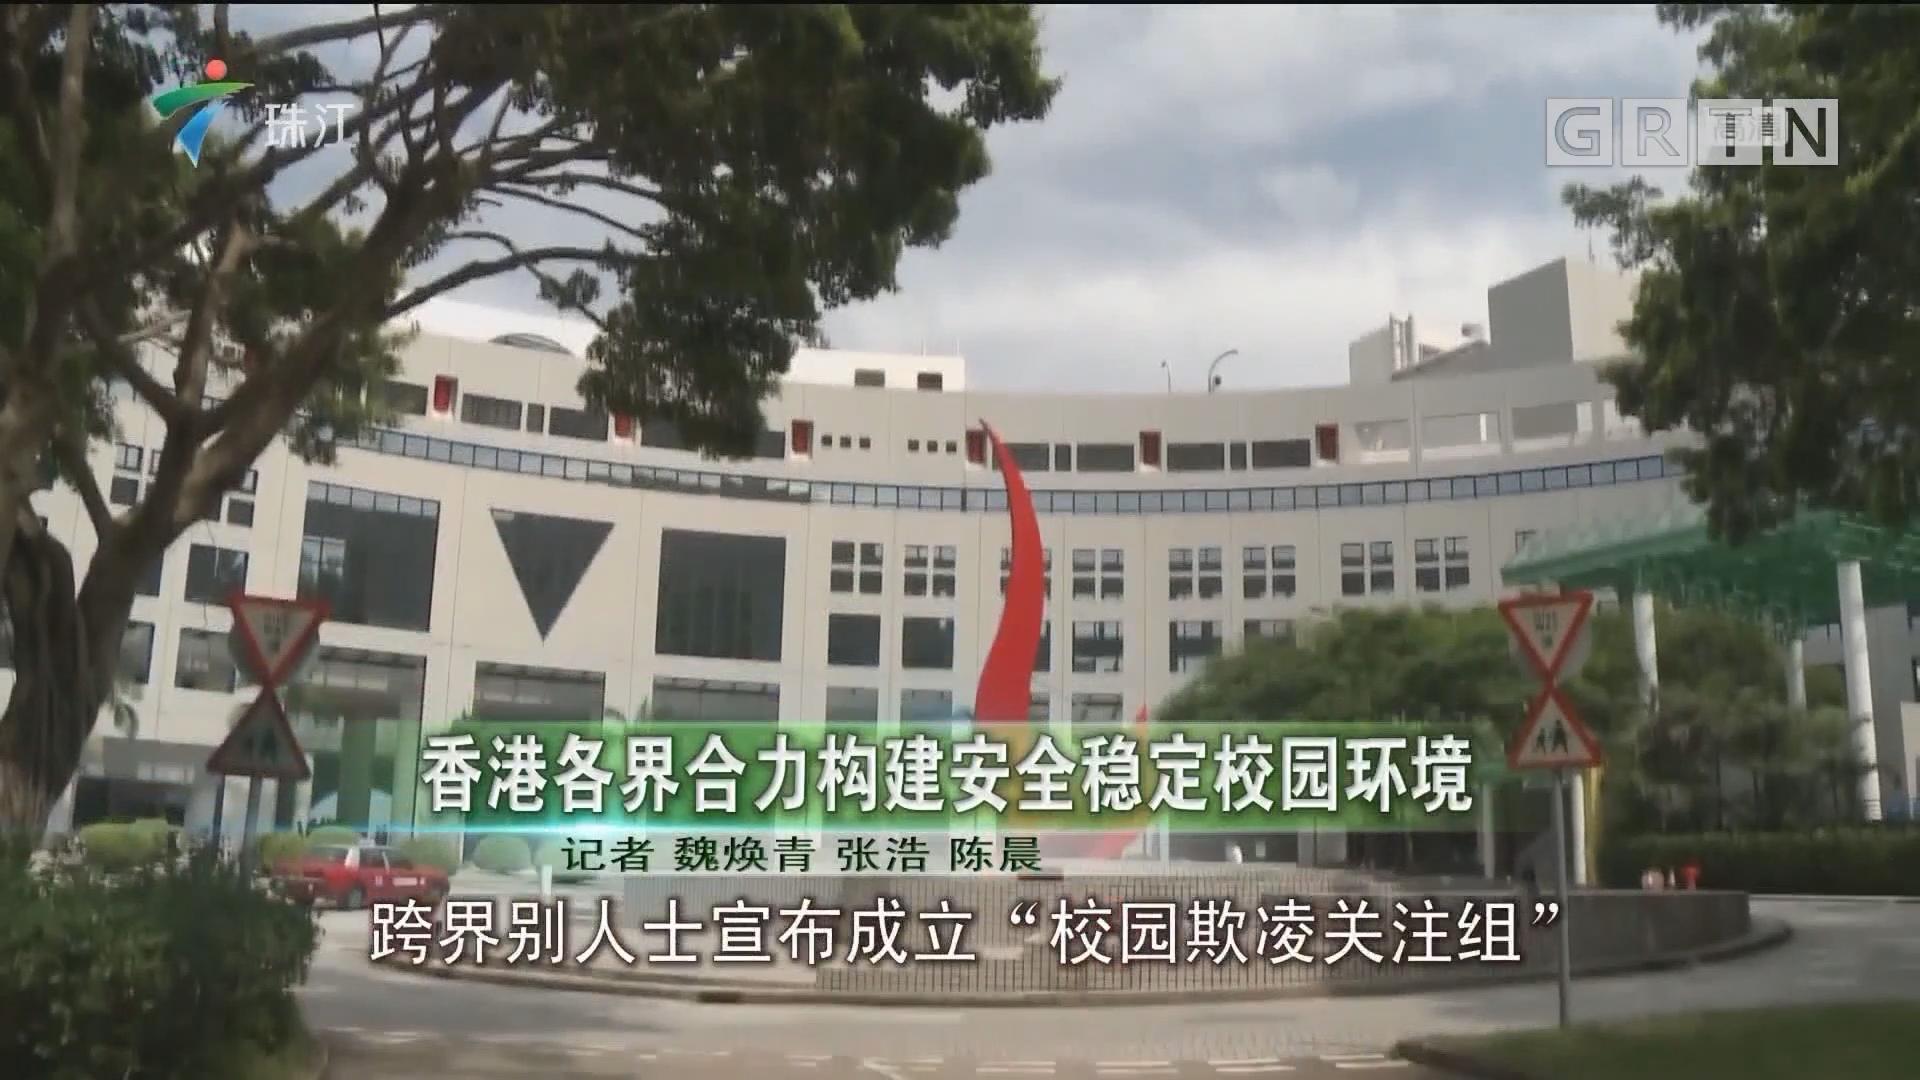 香港各界合力构建安全稳定校园环境